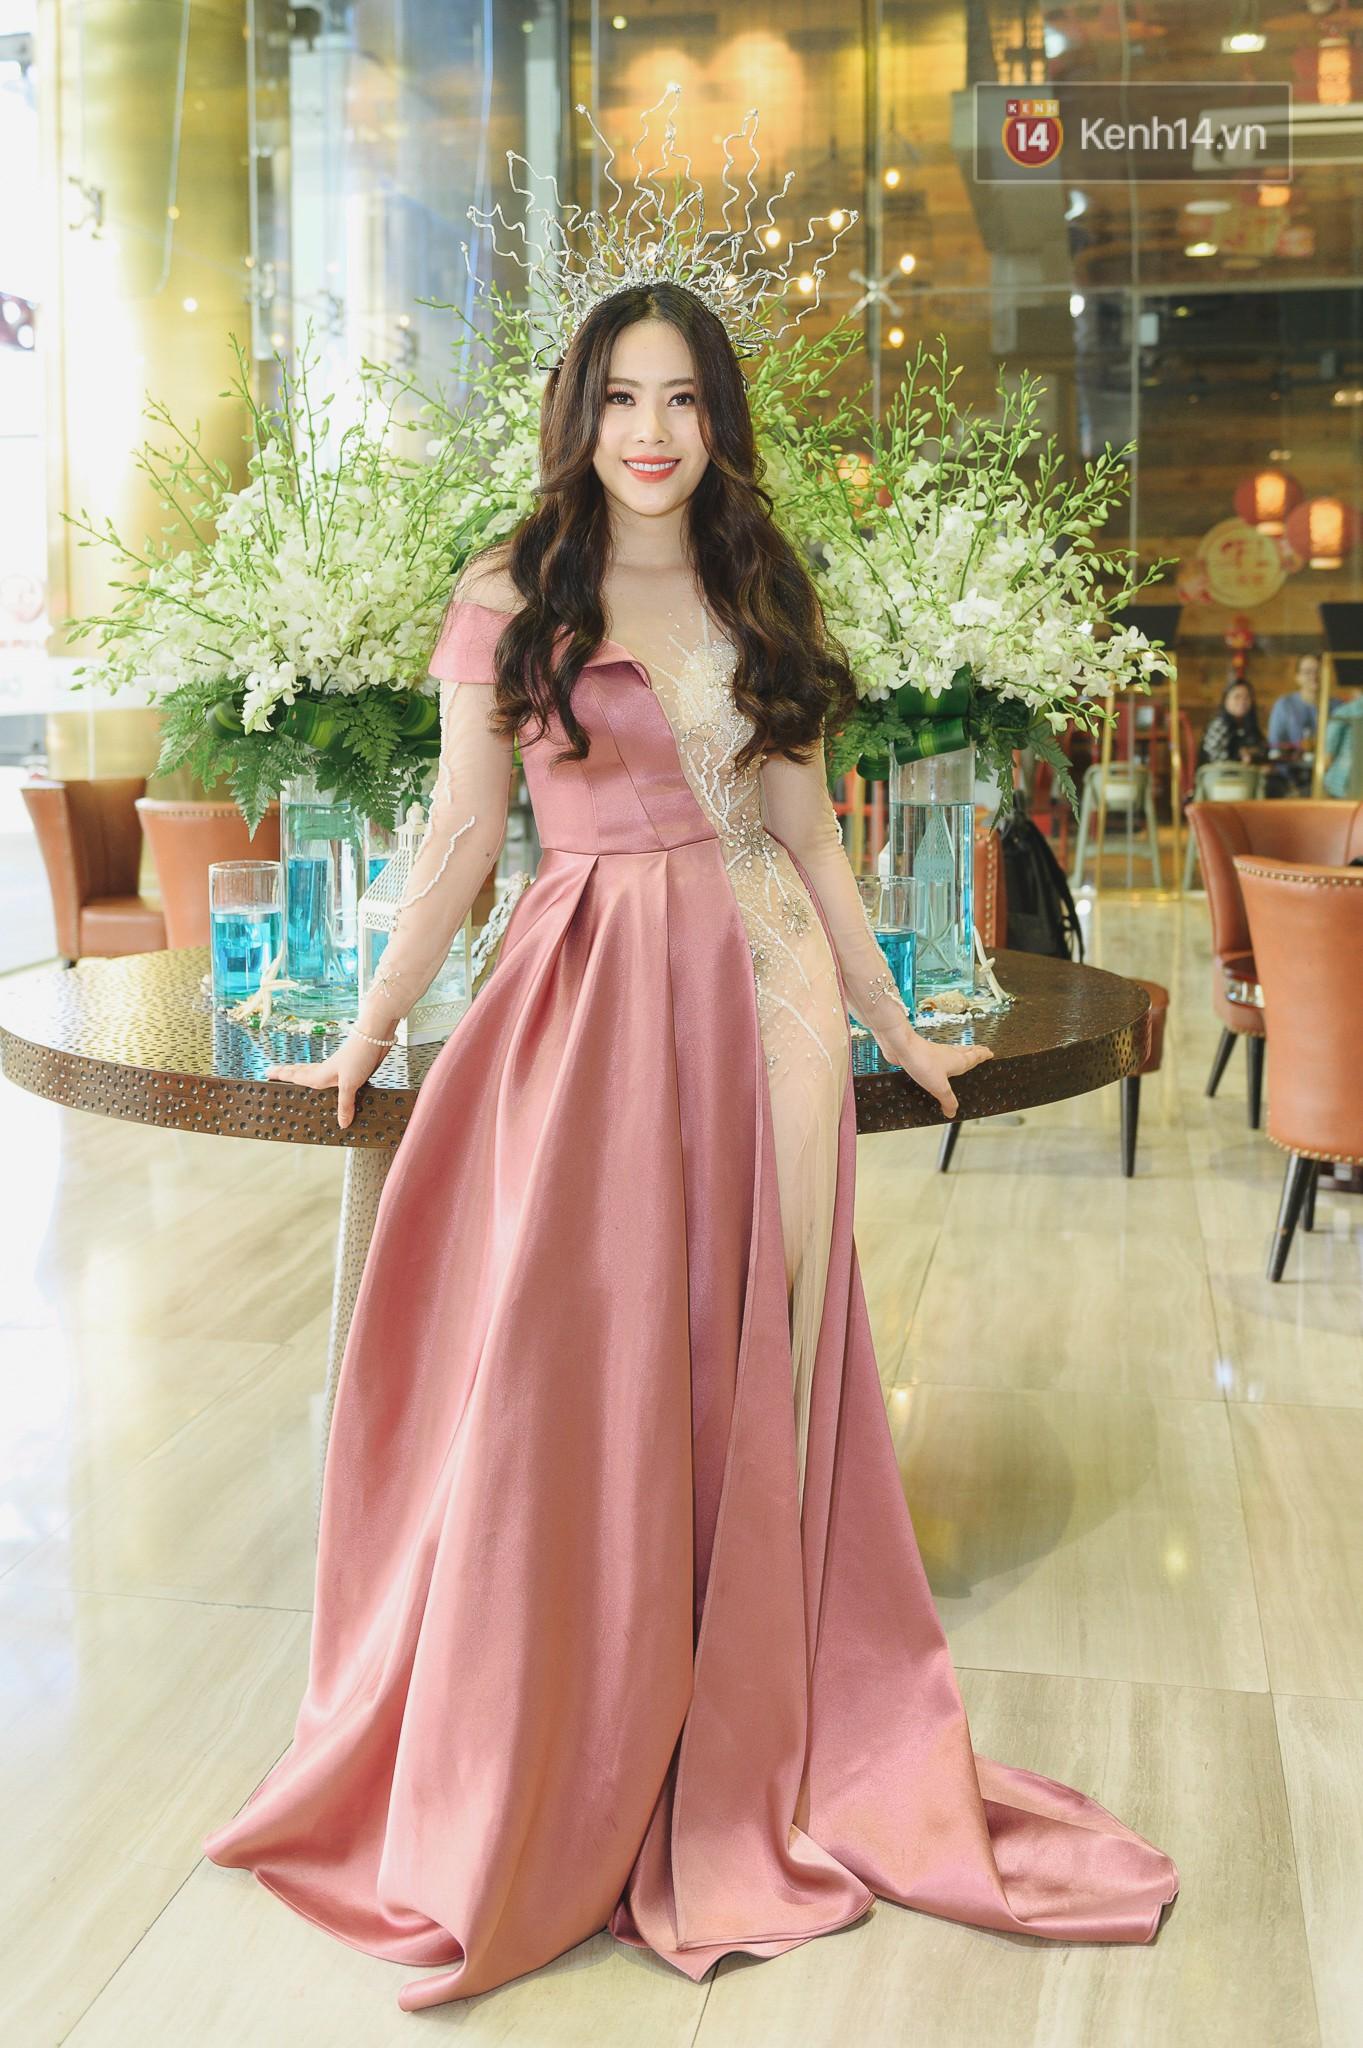 Tân Hoa hậu Siêu quốc gia 2018 phản ứng bất ngờ về loạt scandal của Minh Tú tại Miss Supranational 2018 - Ảnh 10.